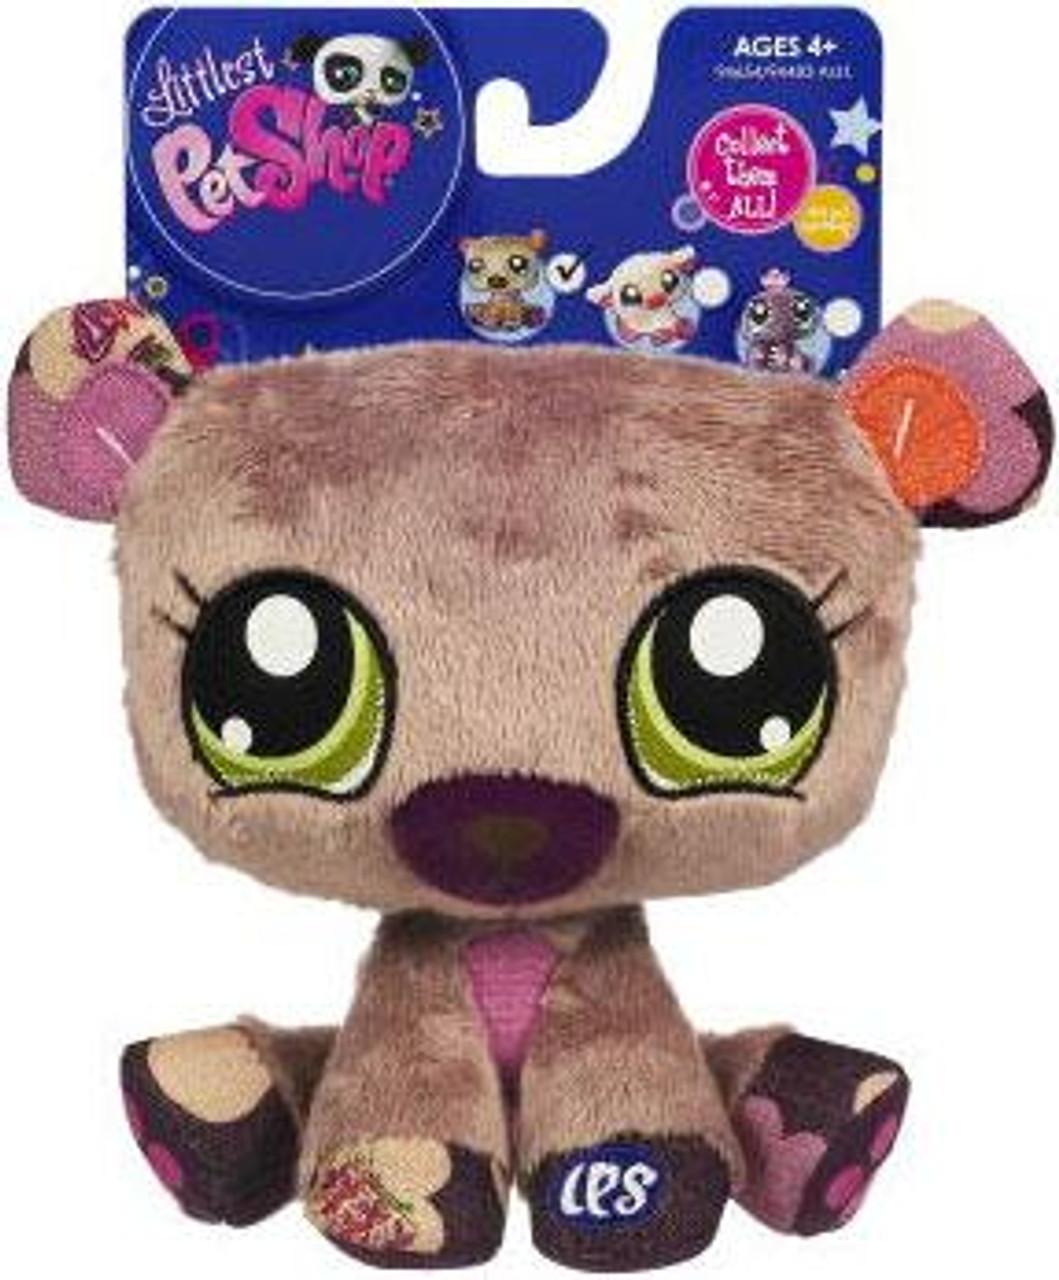 Littlest Pet Shop Bear 5-Inch Plush